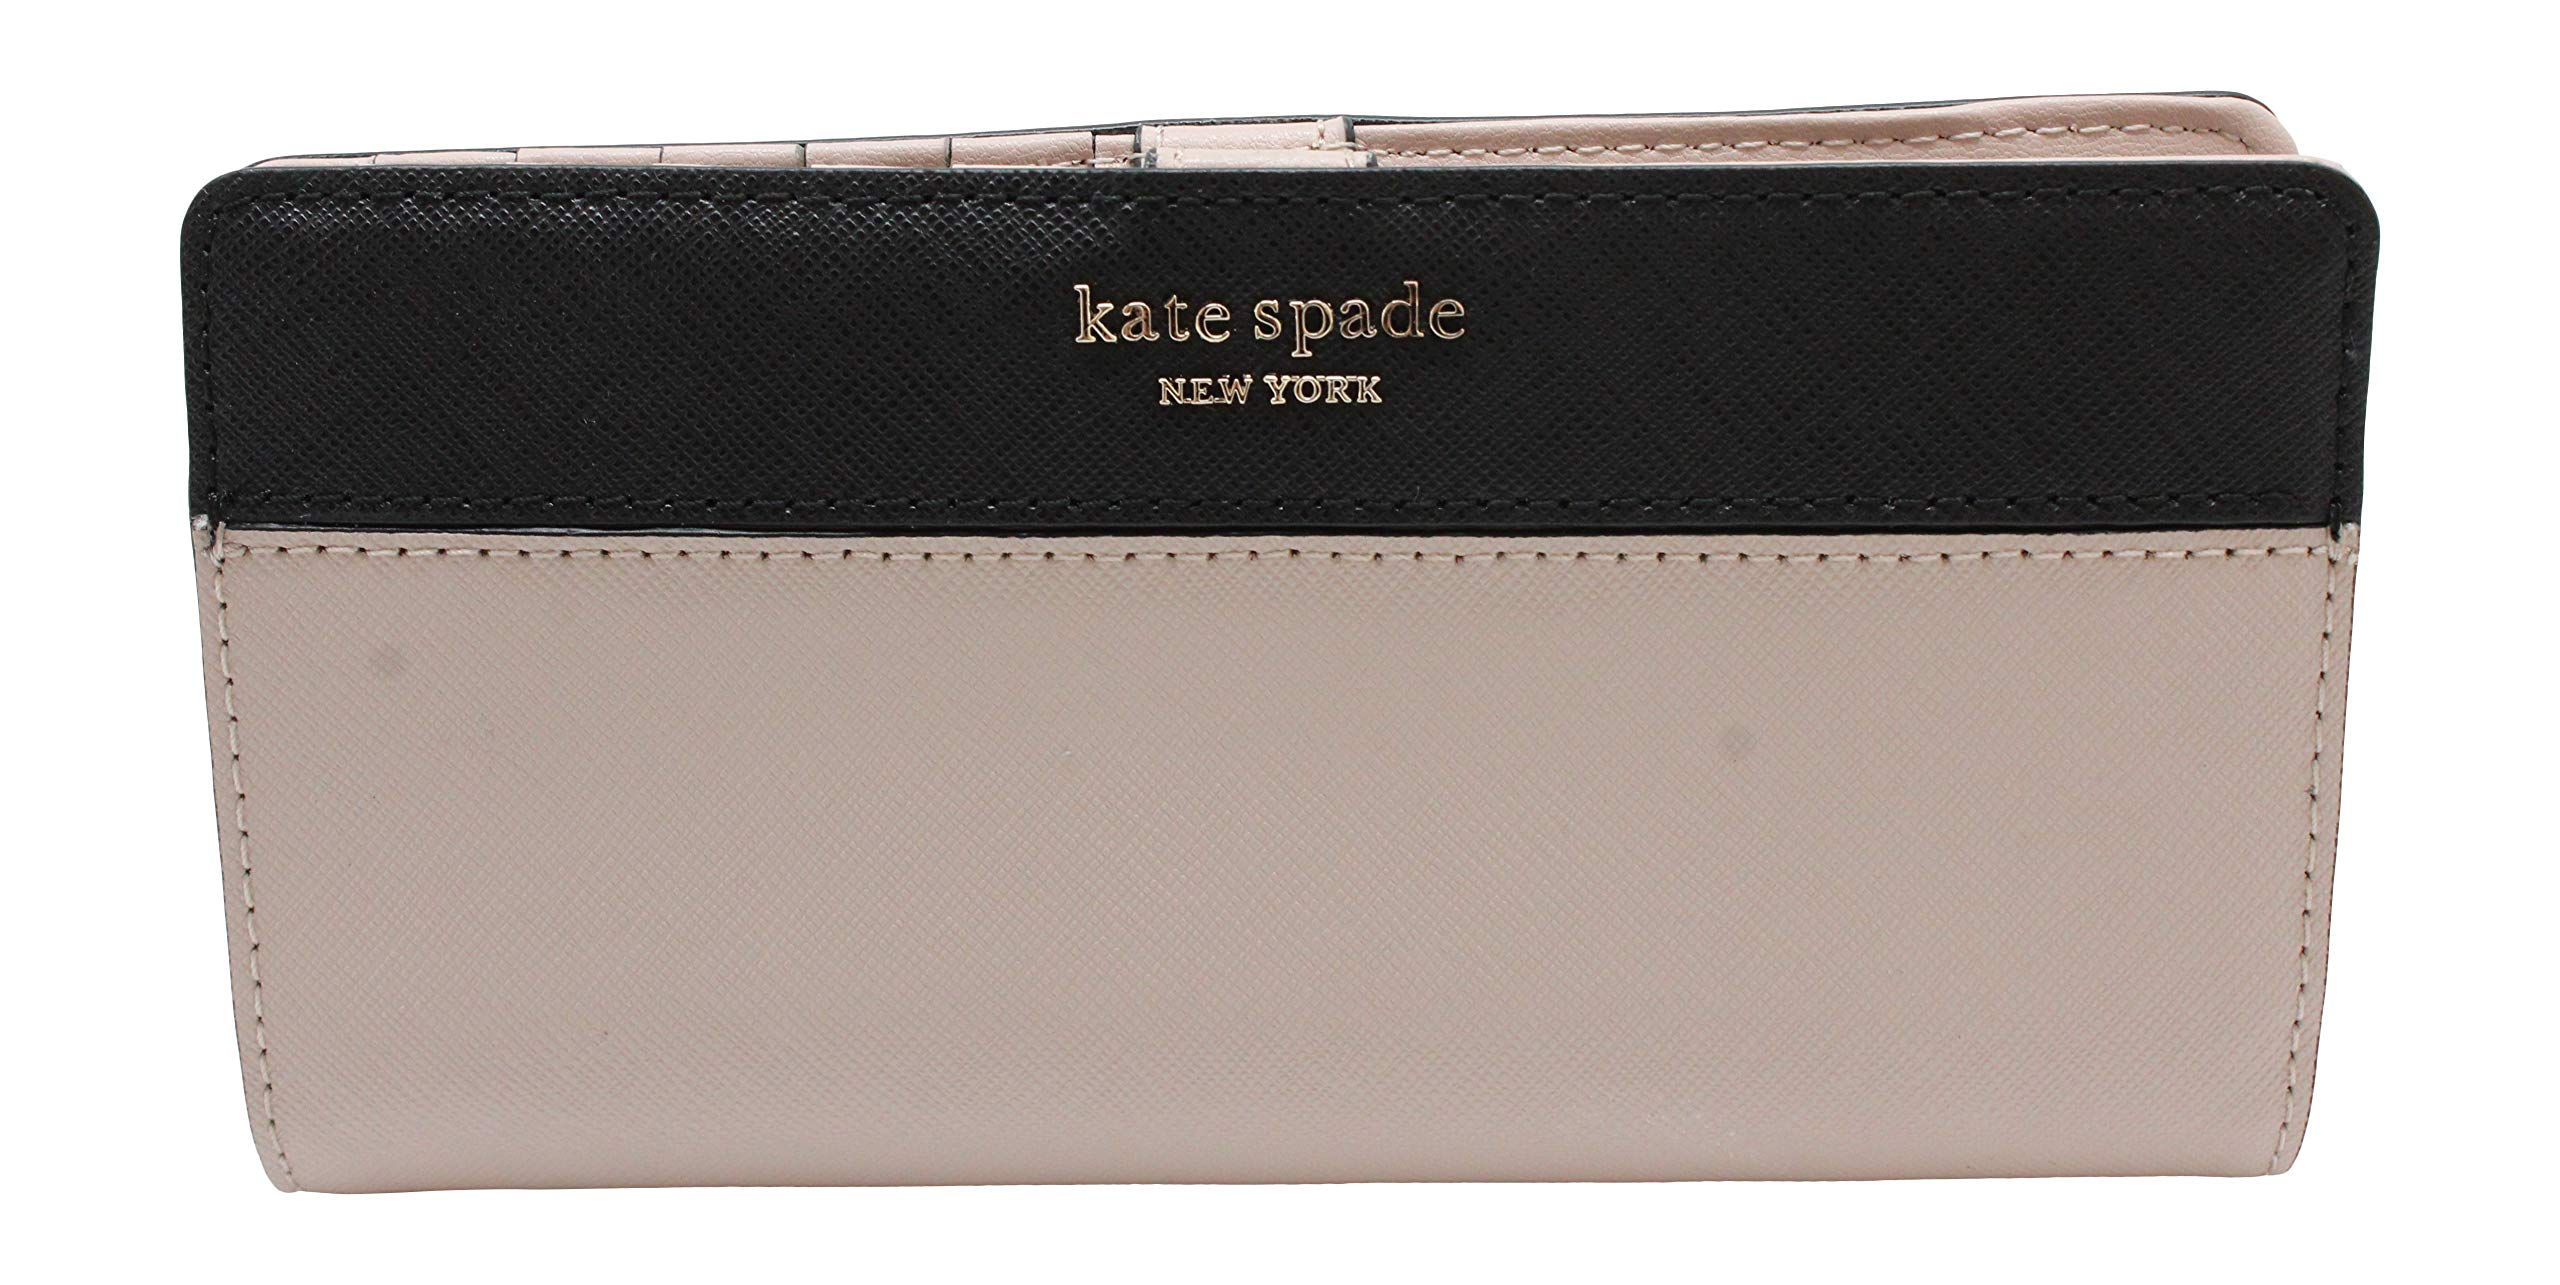 Kate Spade New York Wellesley Printed Stacy (Warm Beige/Black)